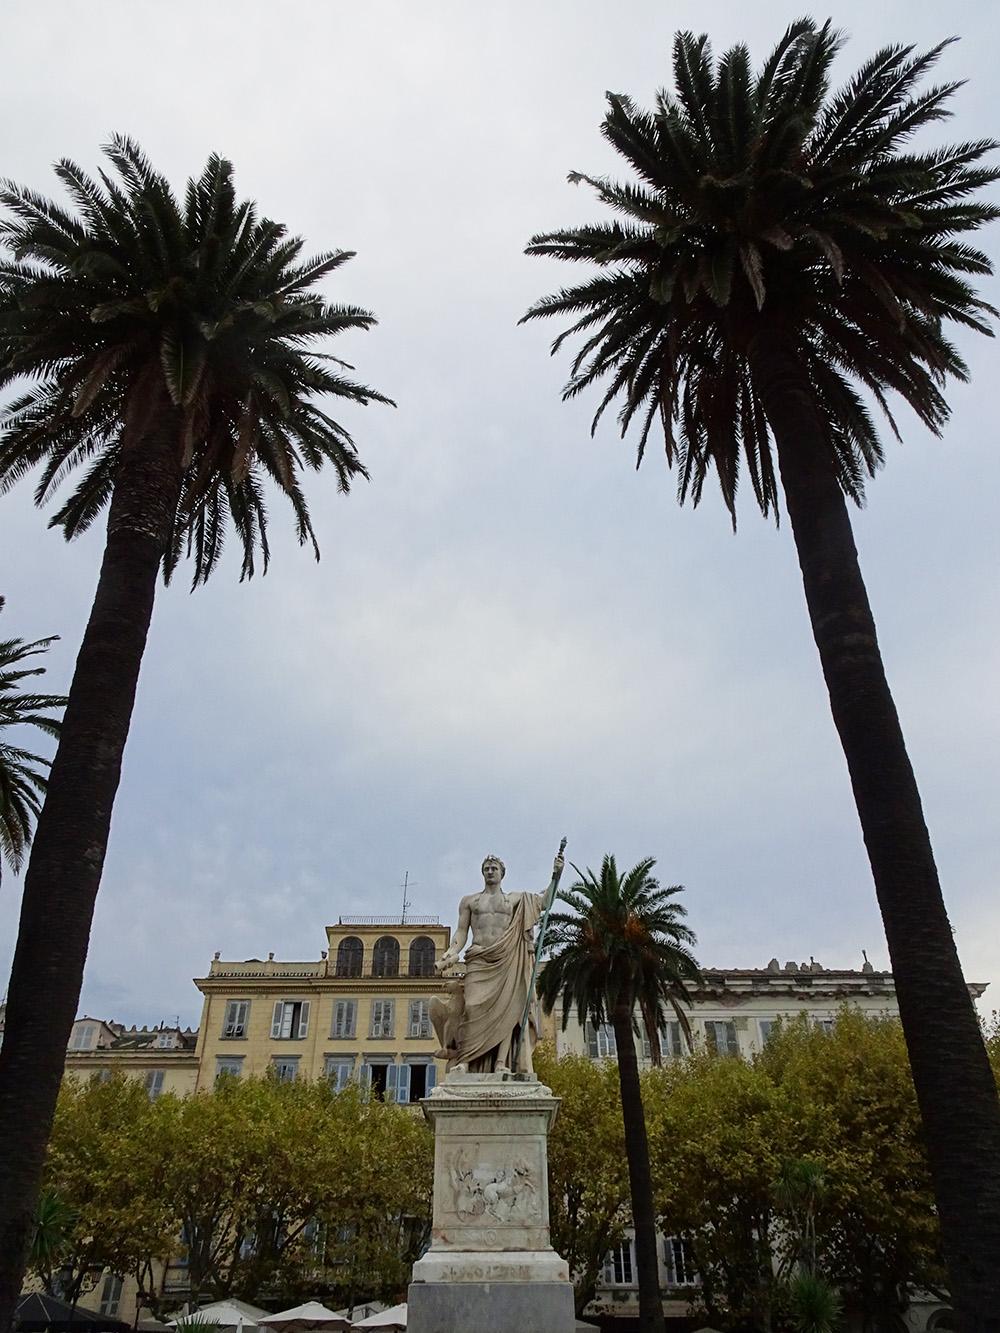 Op het grootste plein van Europa in Bastia - Corsica